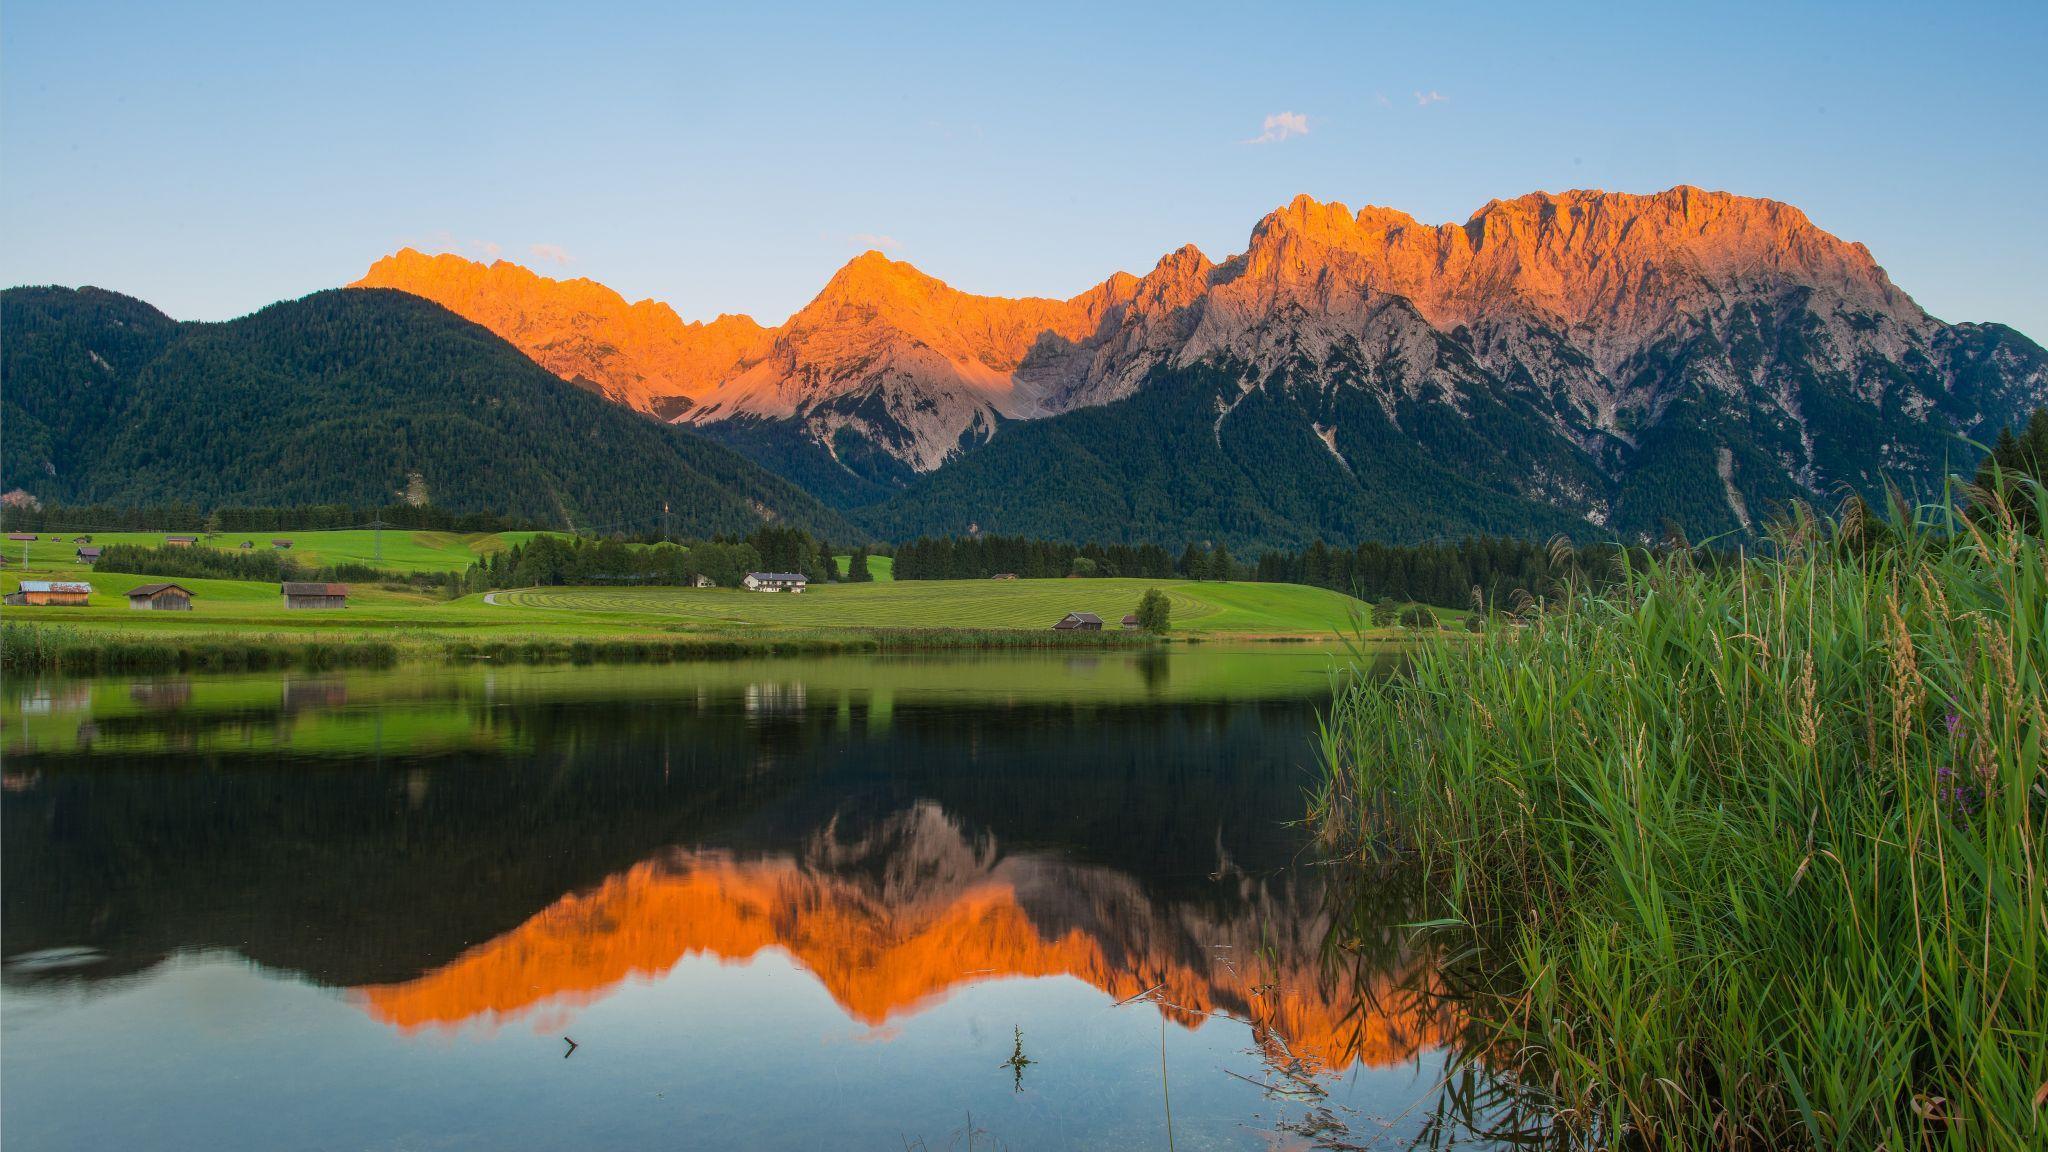 Alpenglühen, Germany